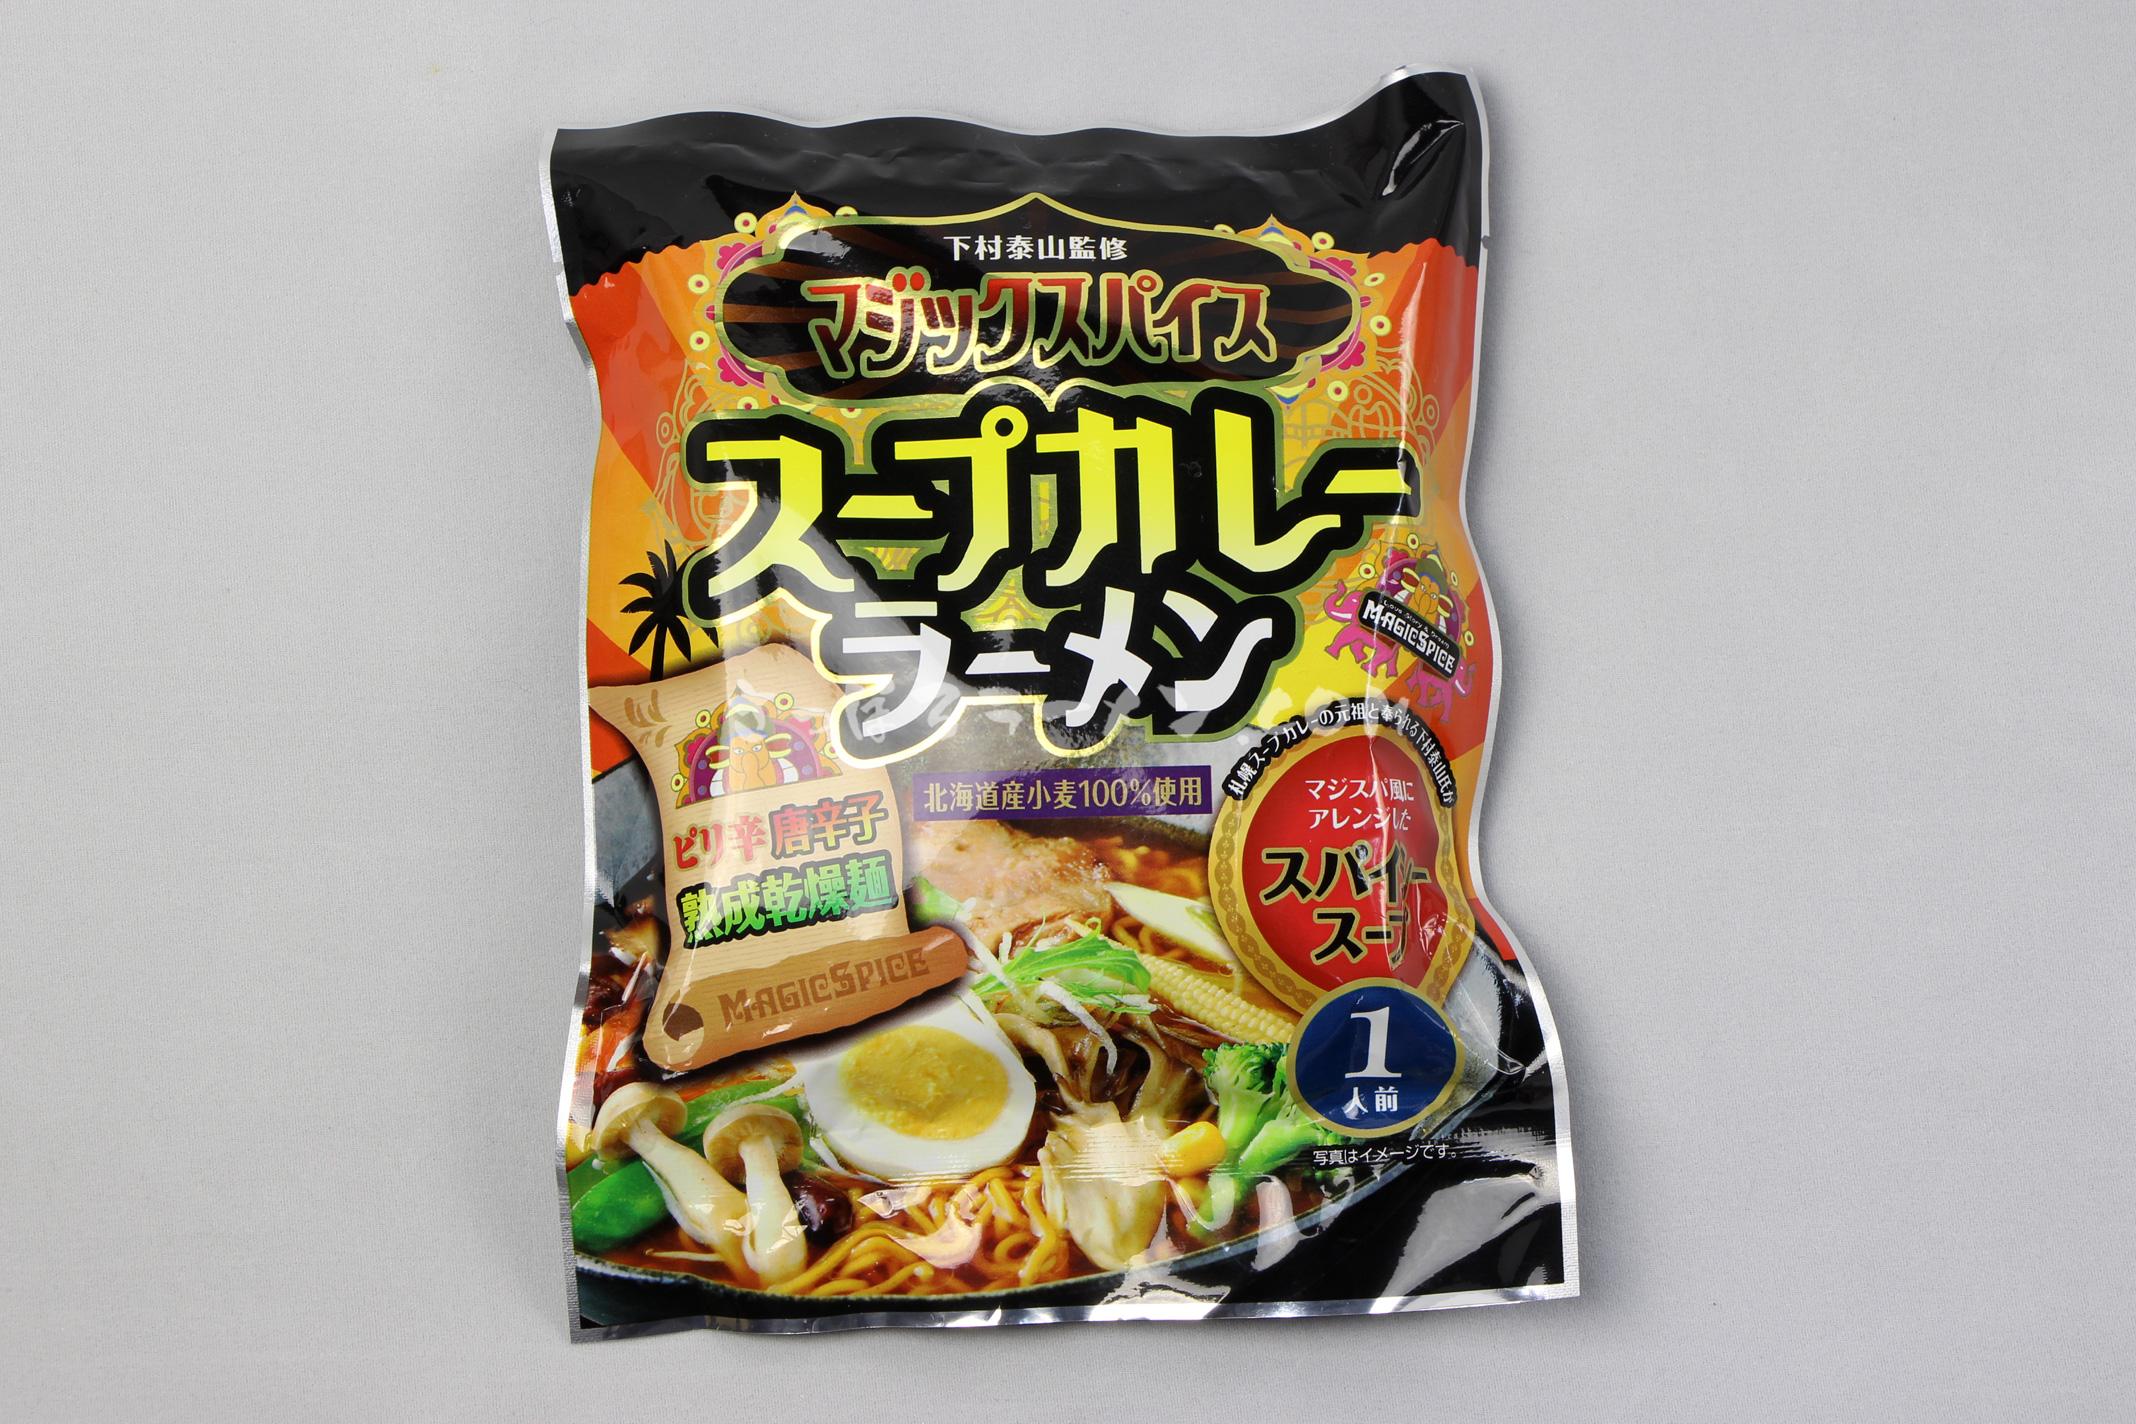 「下村泰山監修 マジックスパイス スープカレーラーメン」のパッケージ(表)